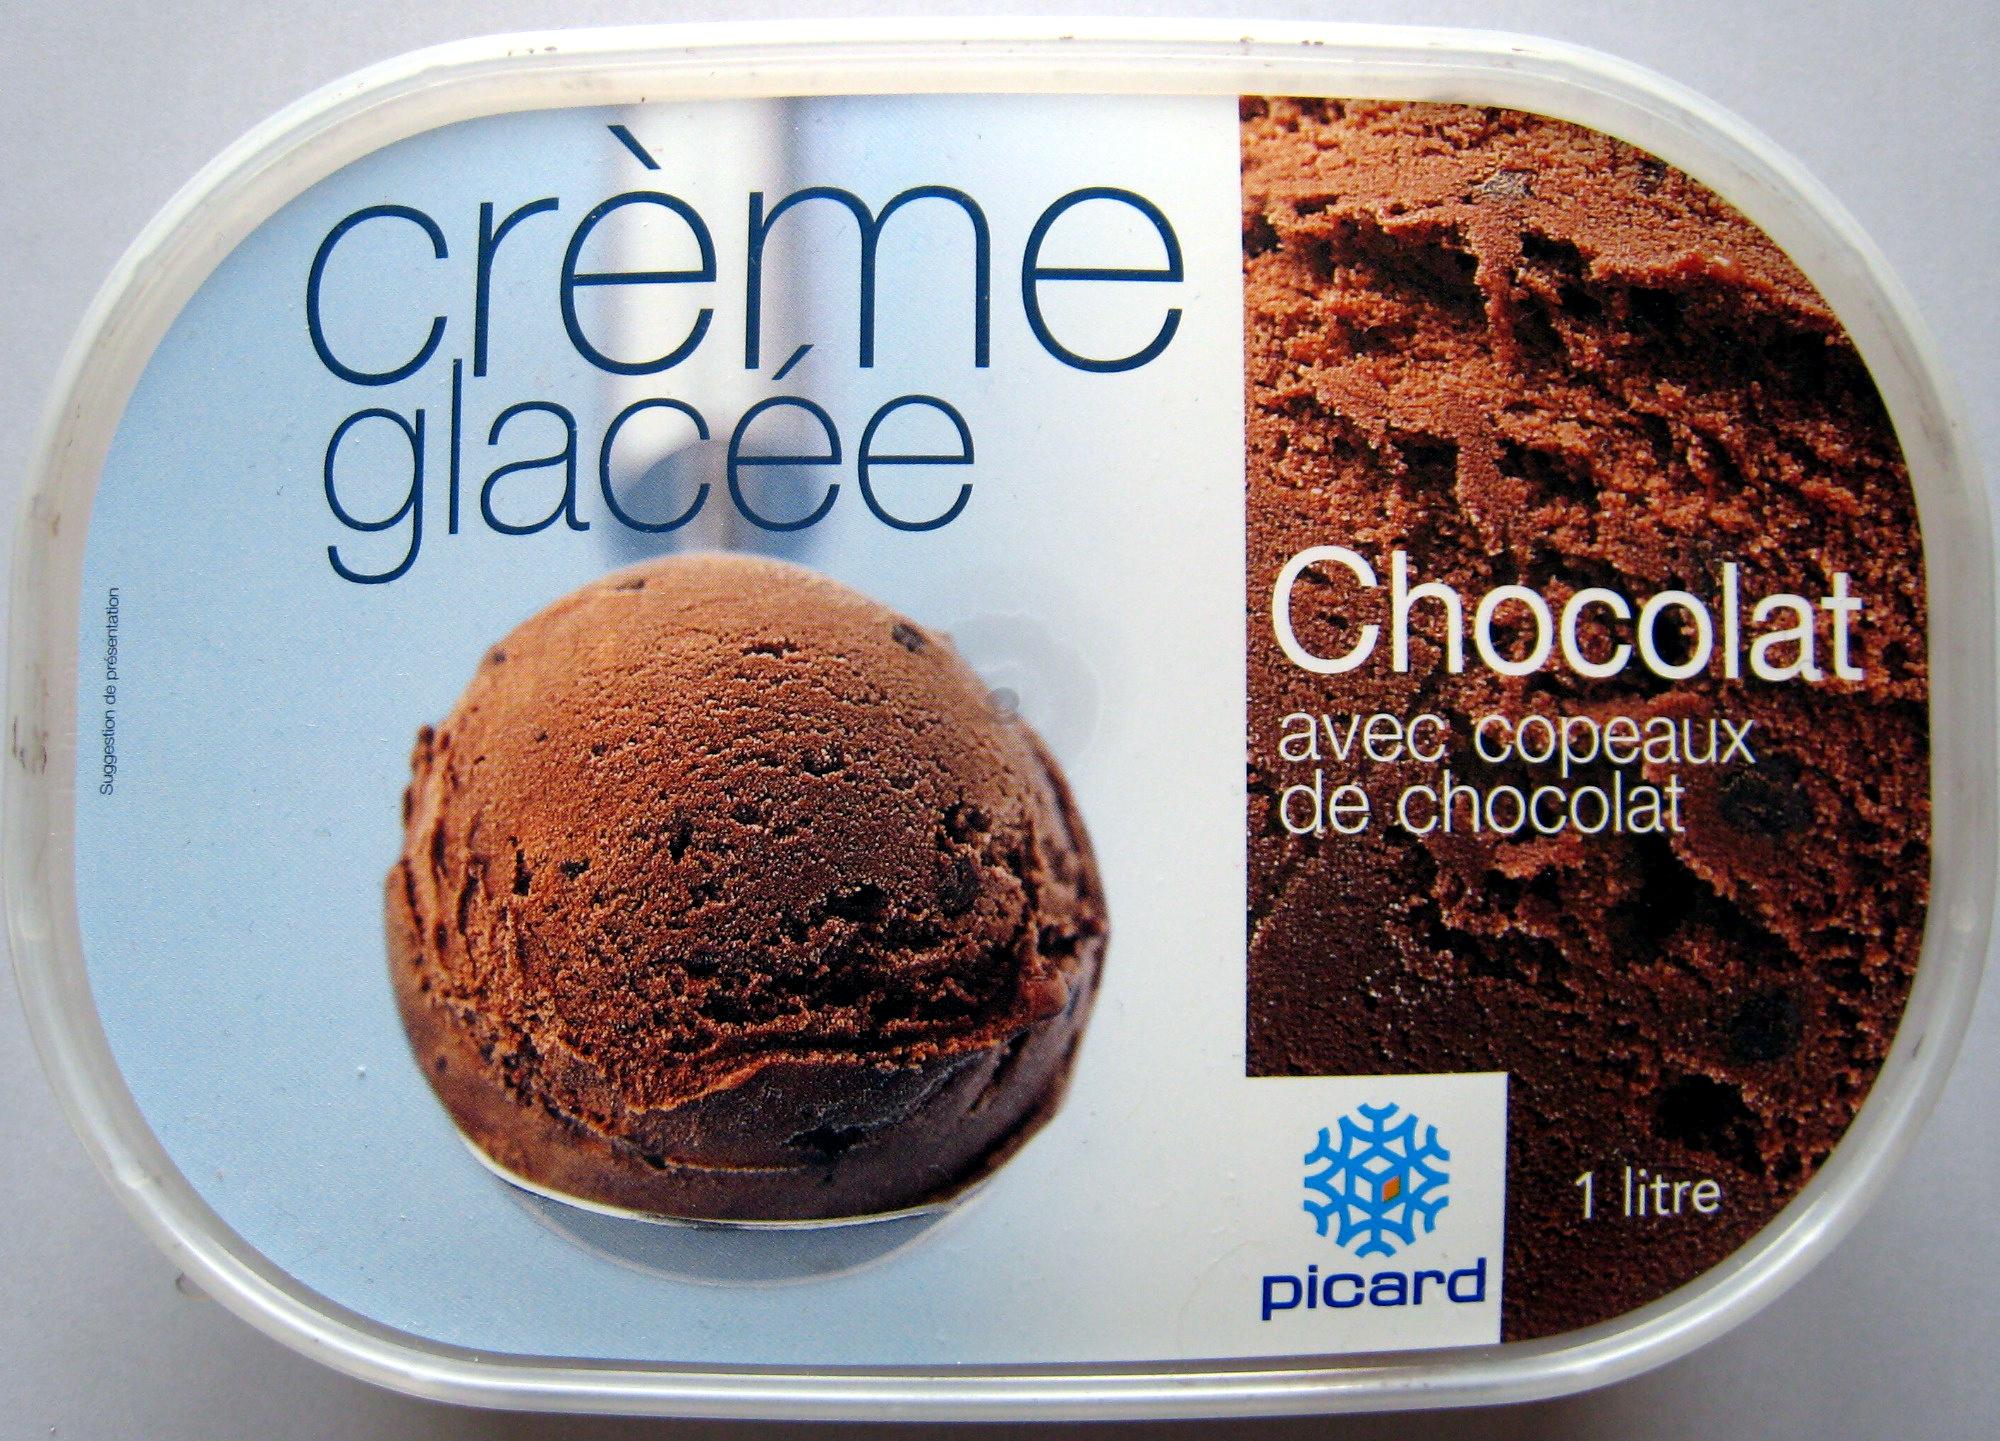 Crème glacée Chocolat avec copeaux de chocolat Picard - Produit